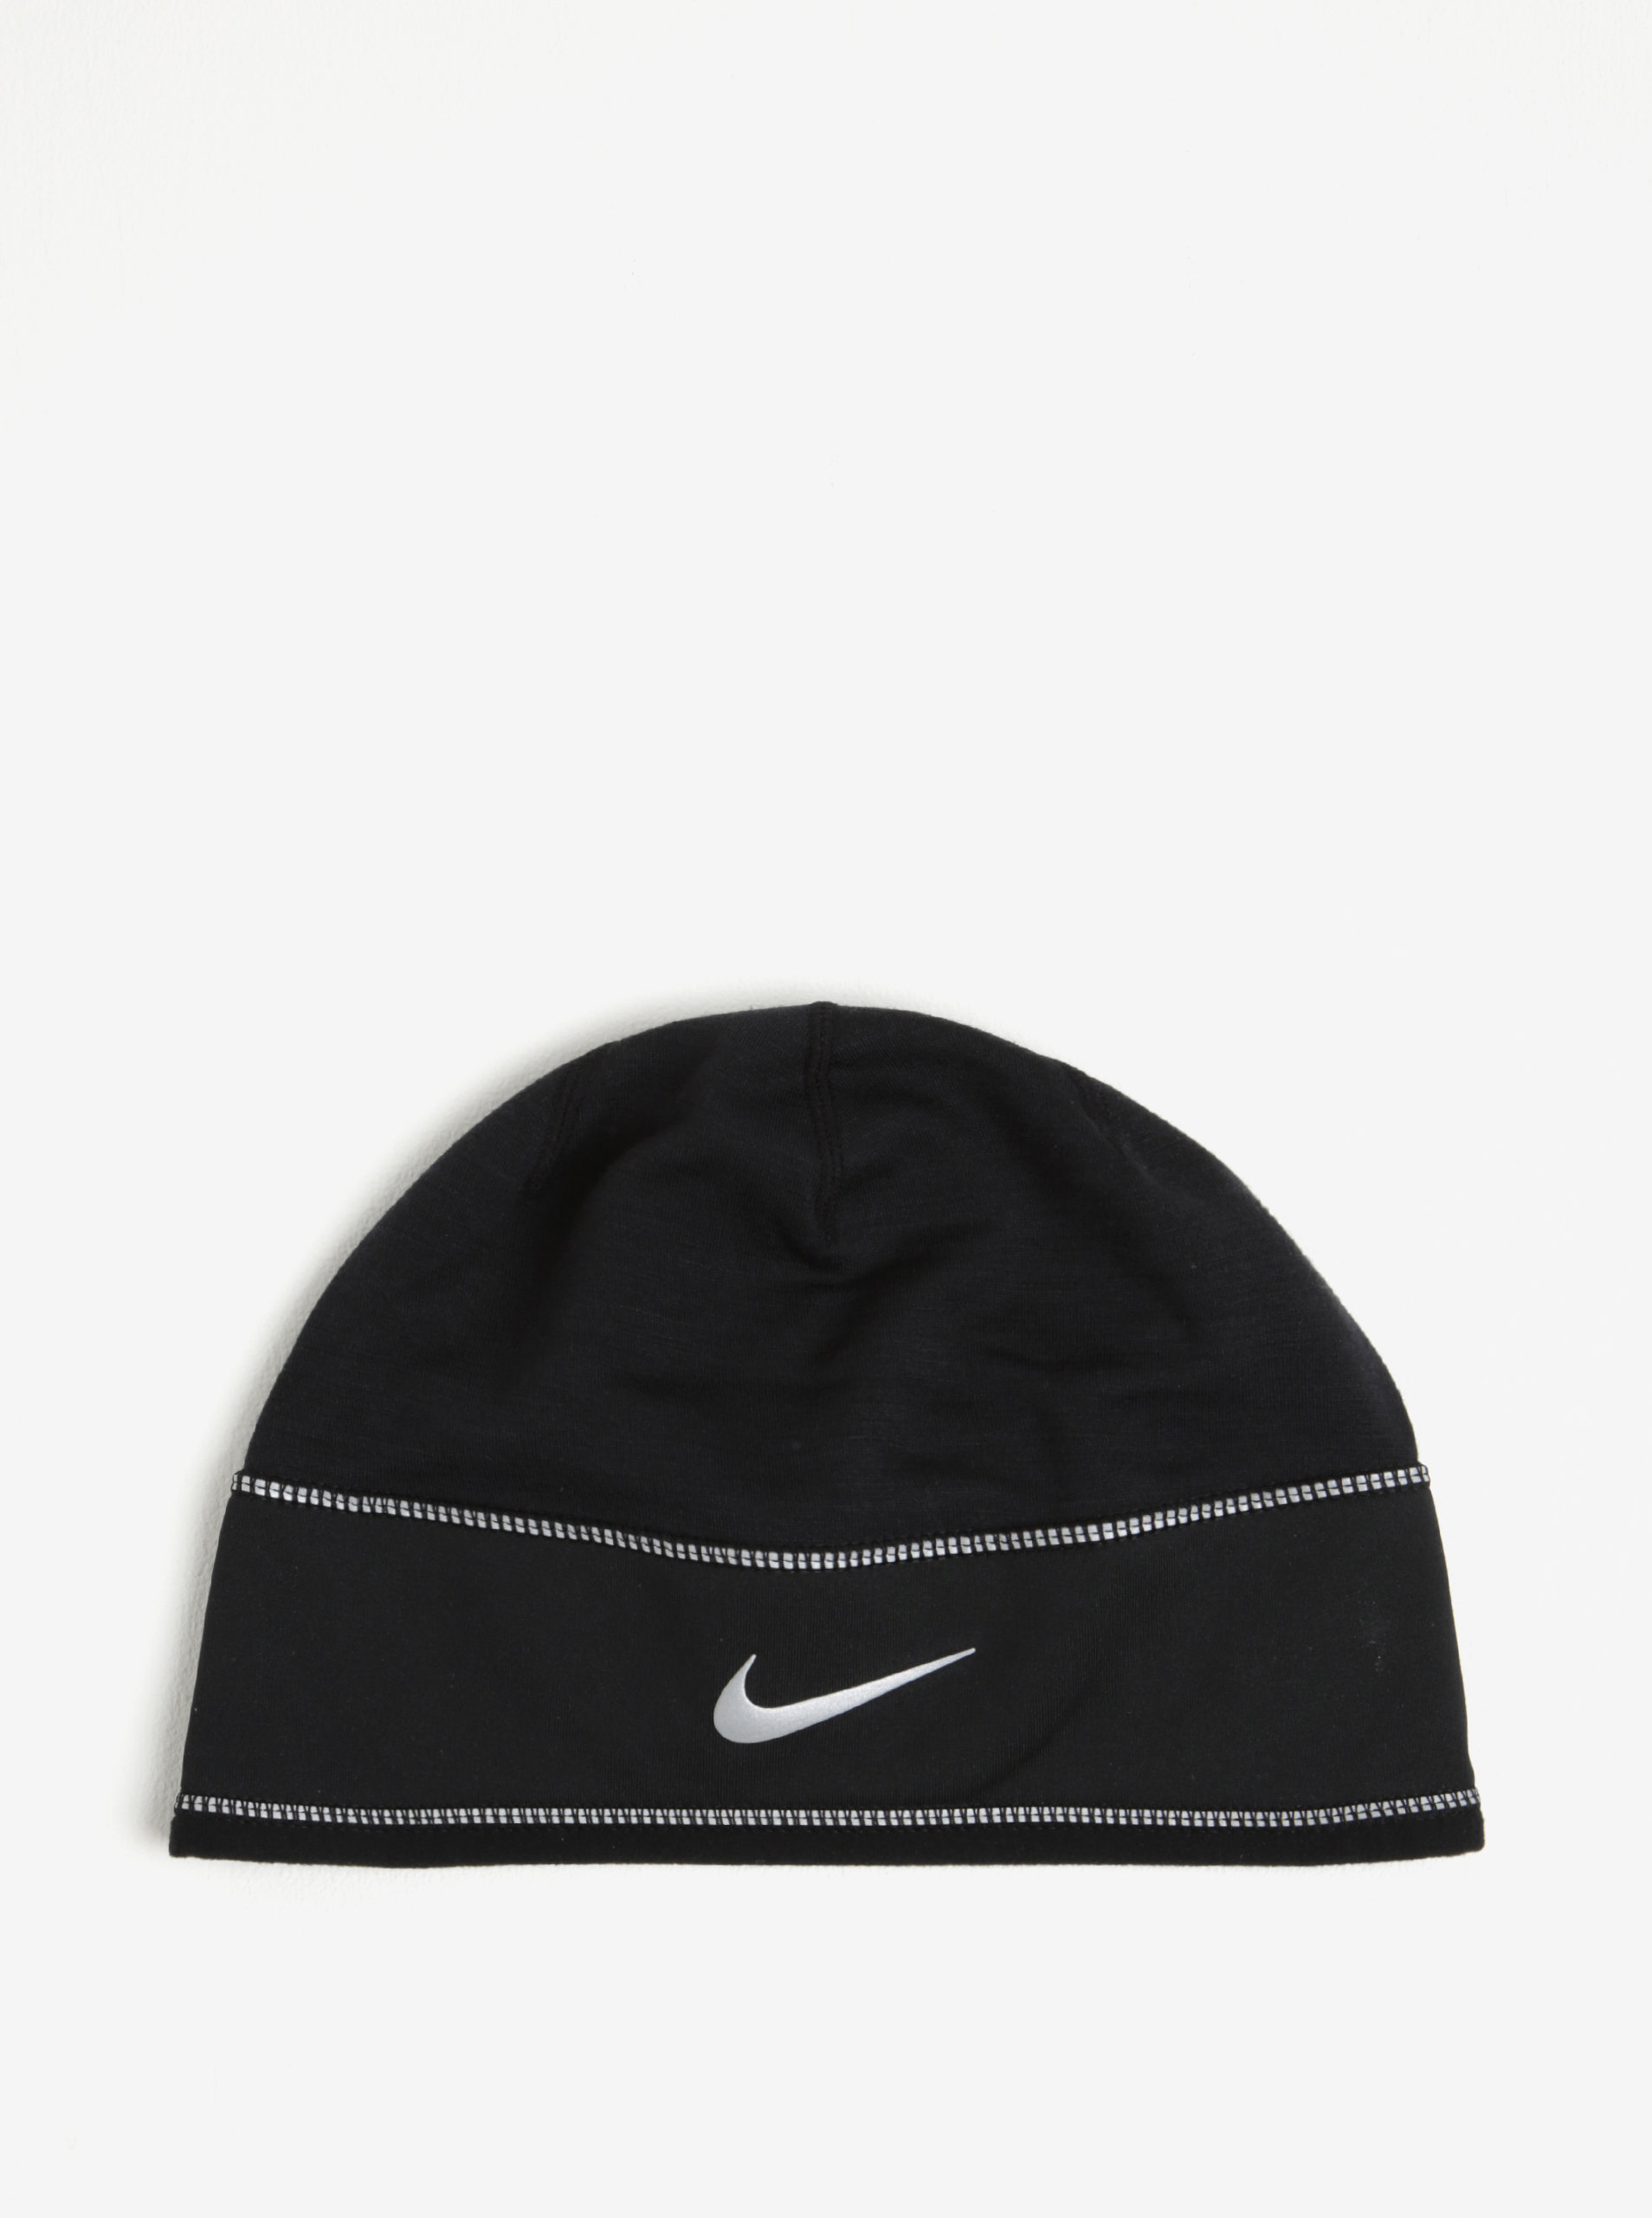 acdea9247 Čierna dámska športová čiapka s prímesou vlny Nike Beanie | ZOOT.sk